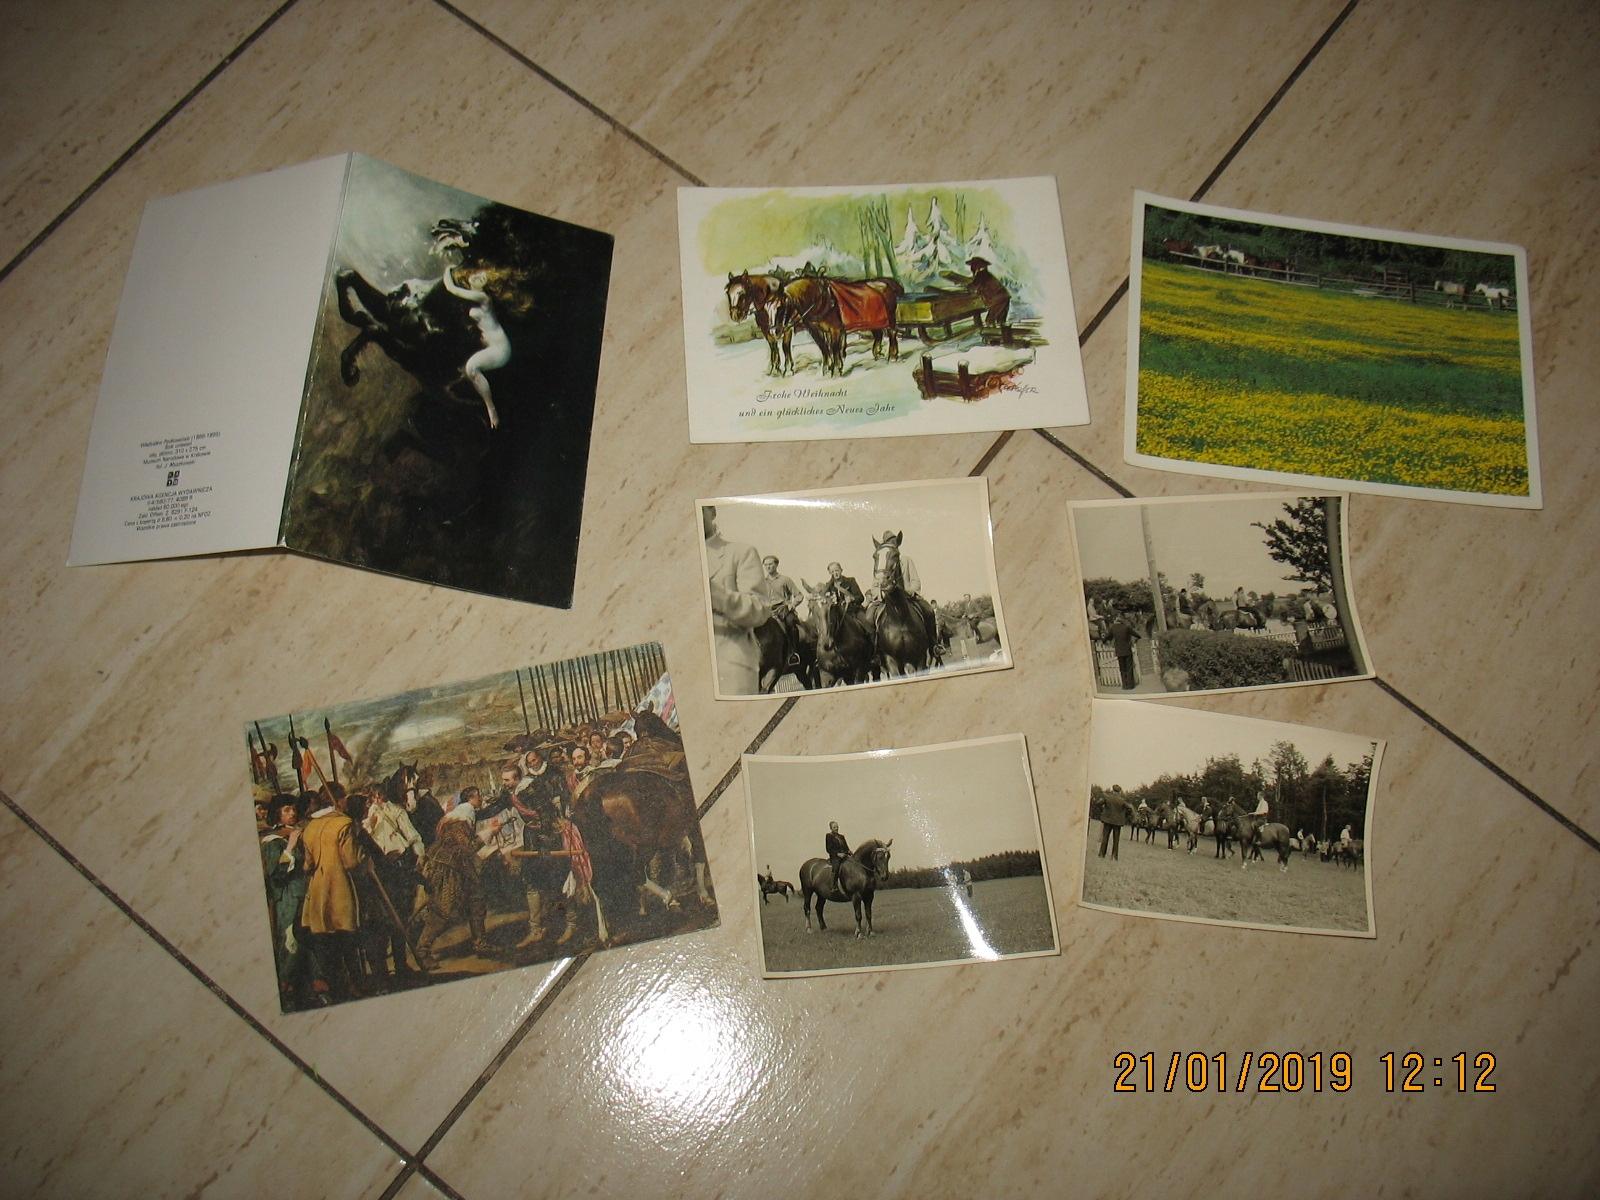 KOŃ konie pocztówka fotografia Zestaw